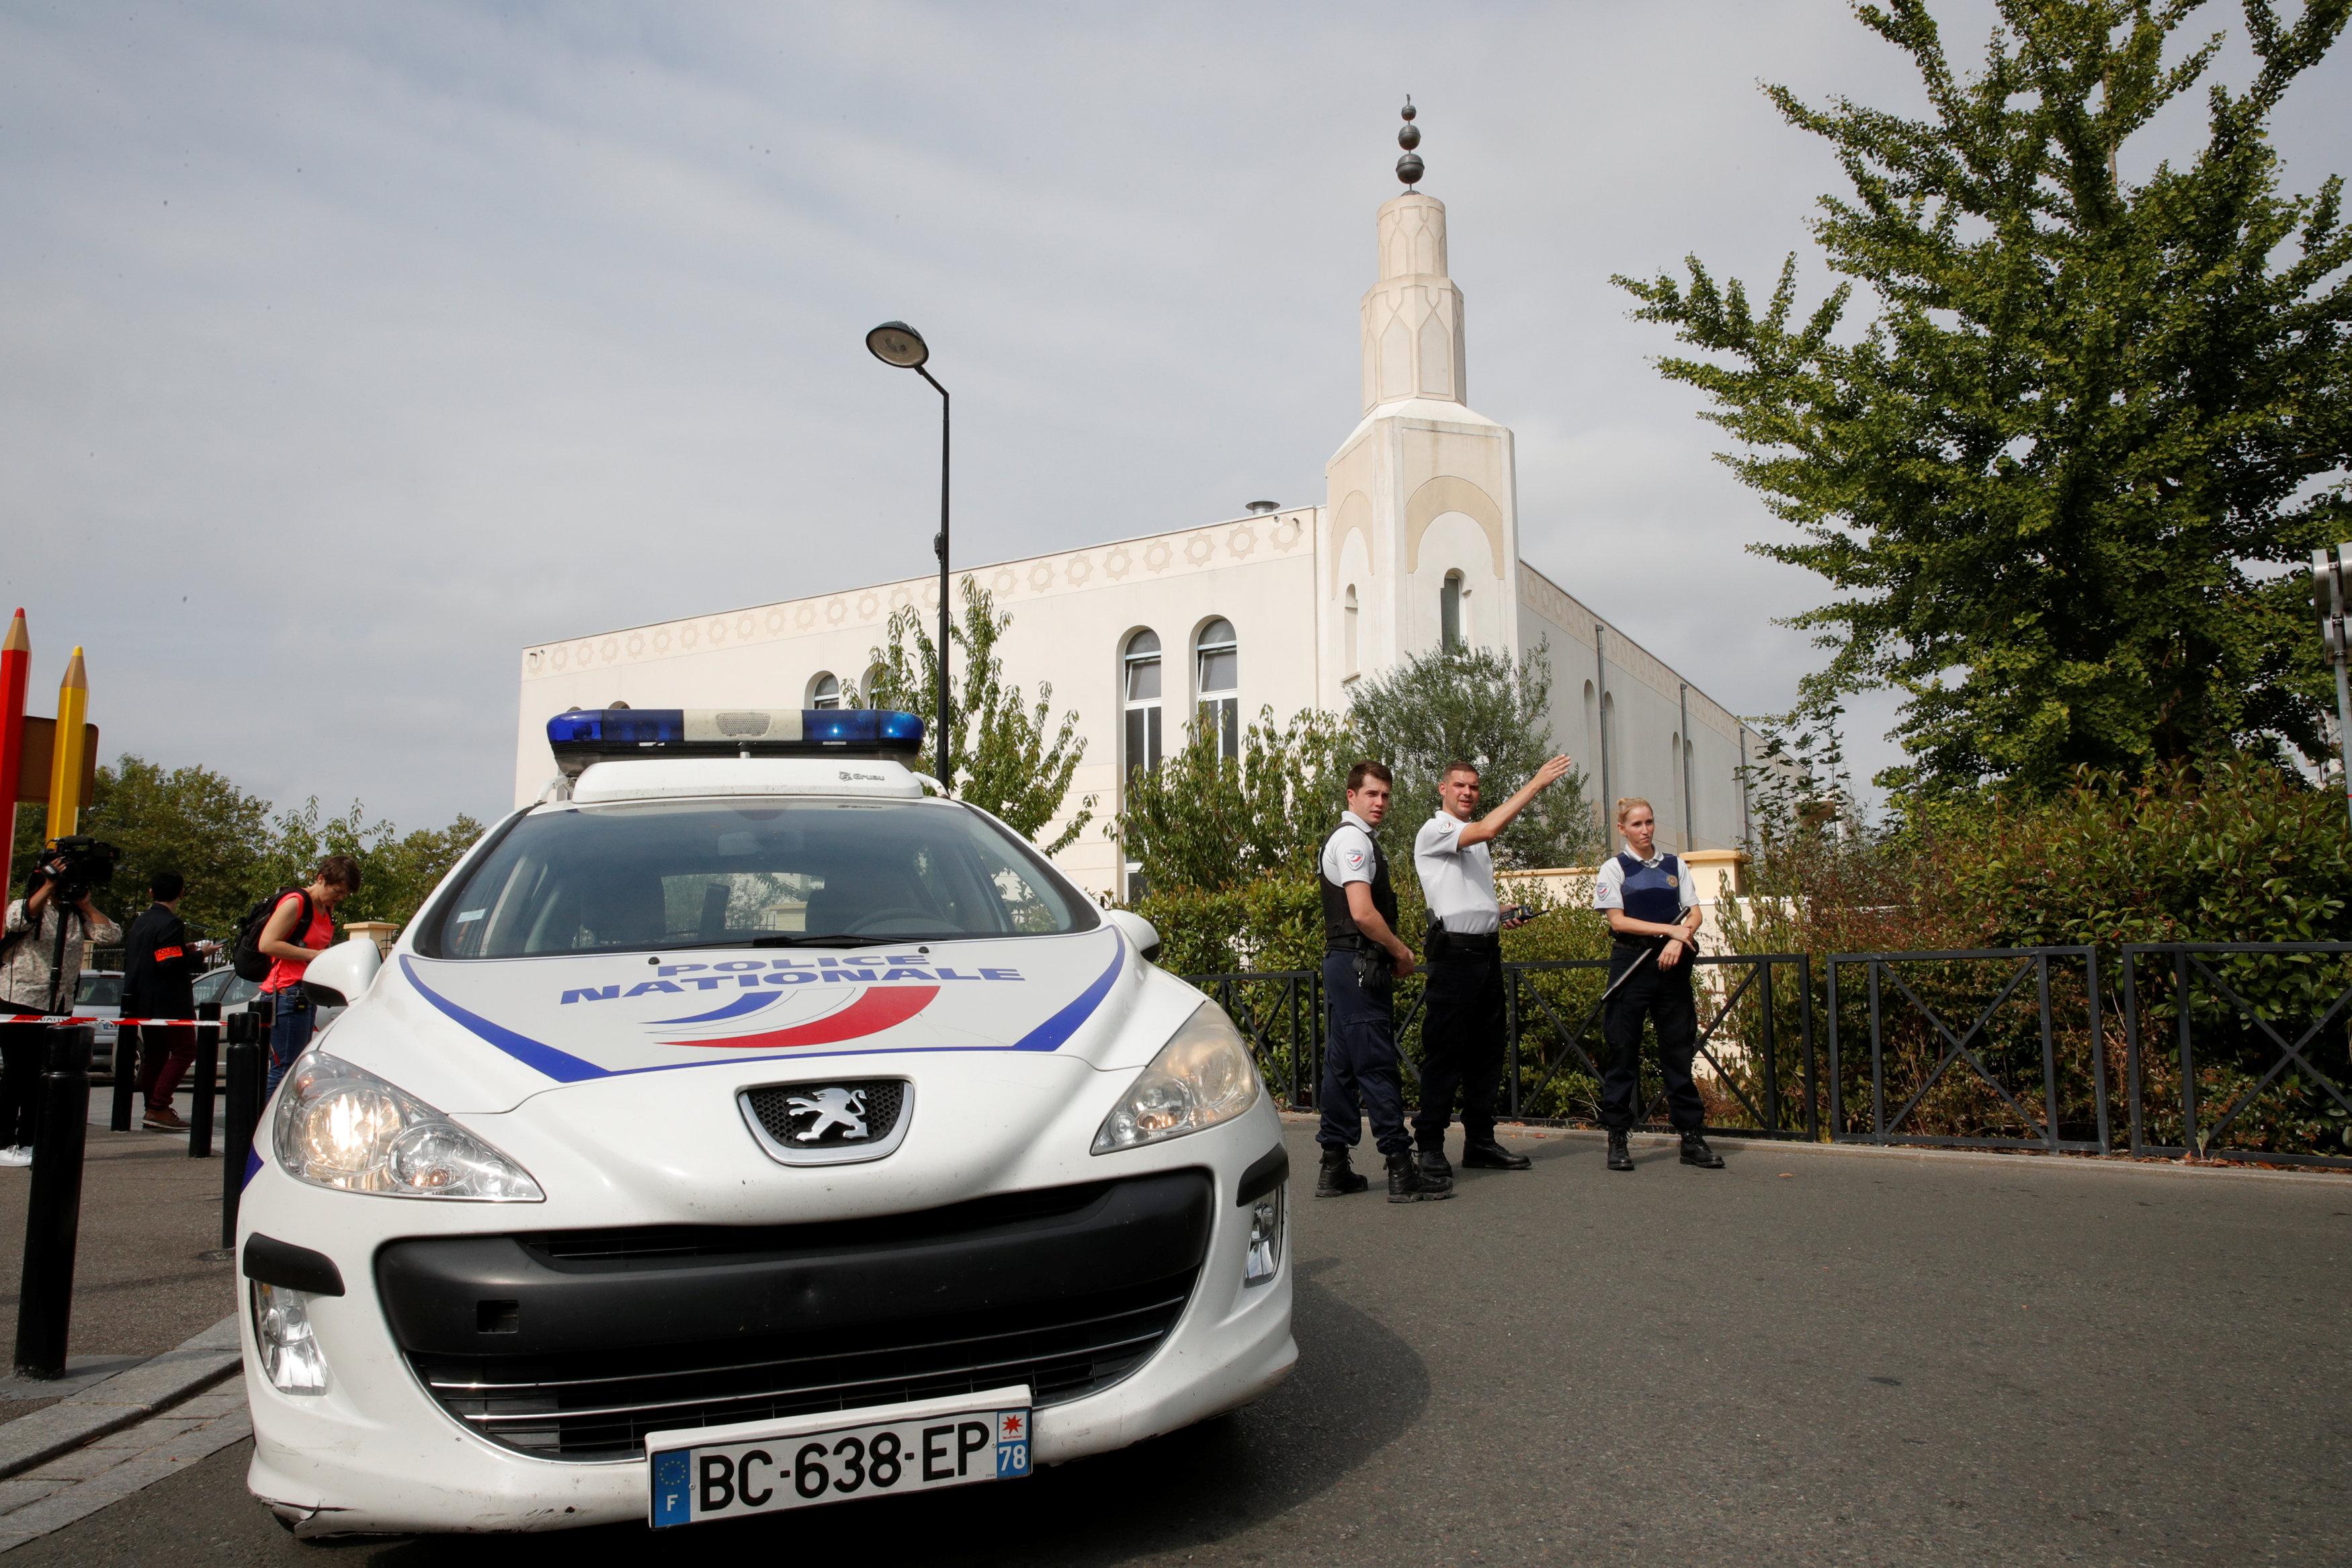 سيارات الشرطة الفرنسية فى موقع الحادث